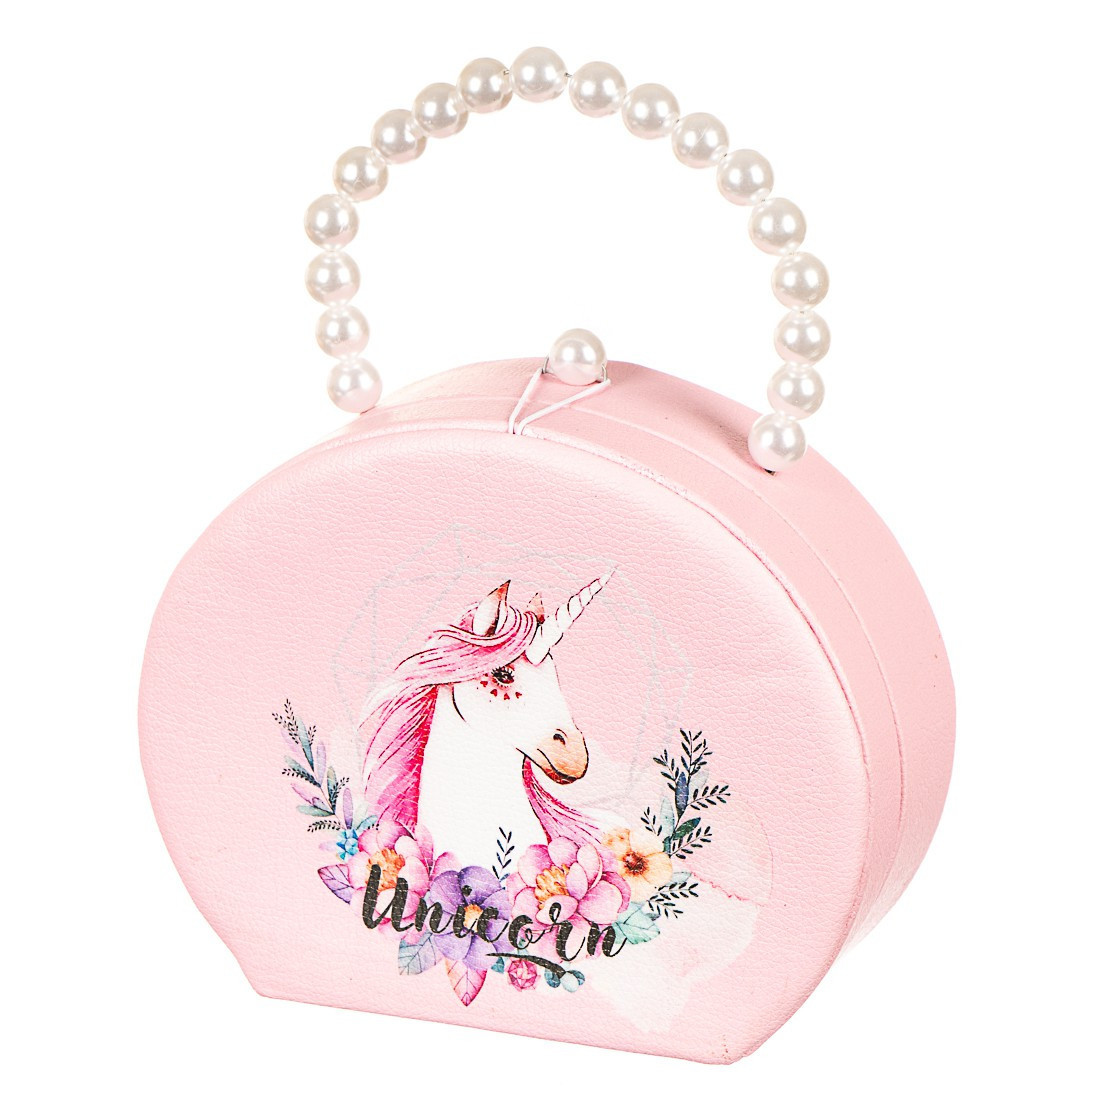 Шкатулка сумочка для украшений розовая кейс для прикрас Единорог Unicorn Studio 18х14х7 см 0608JA